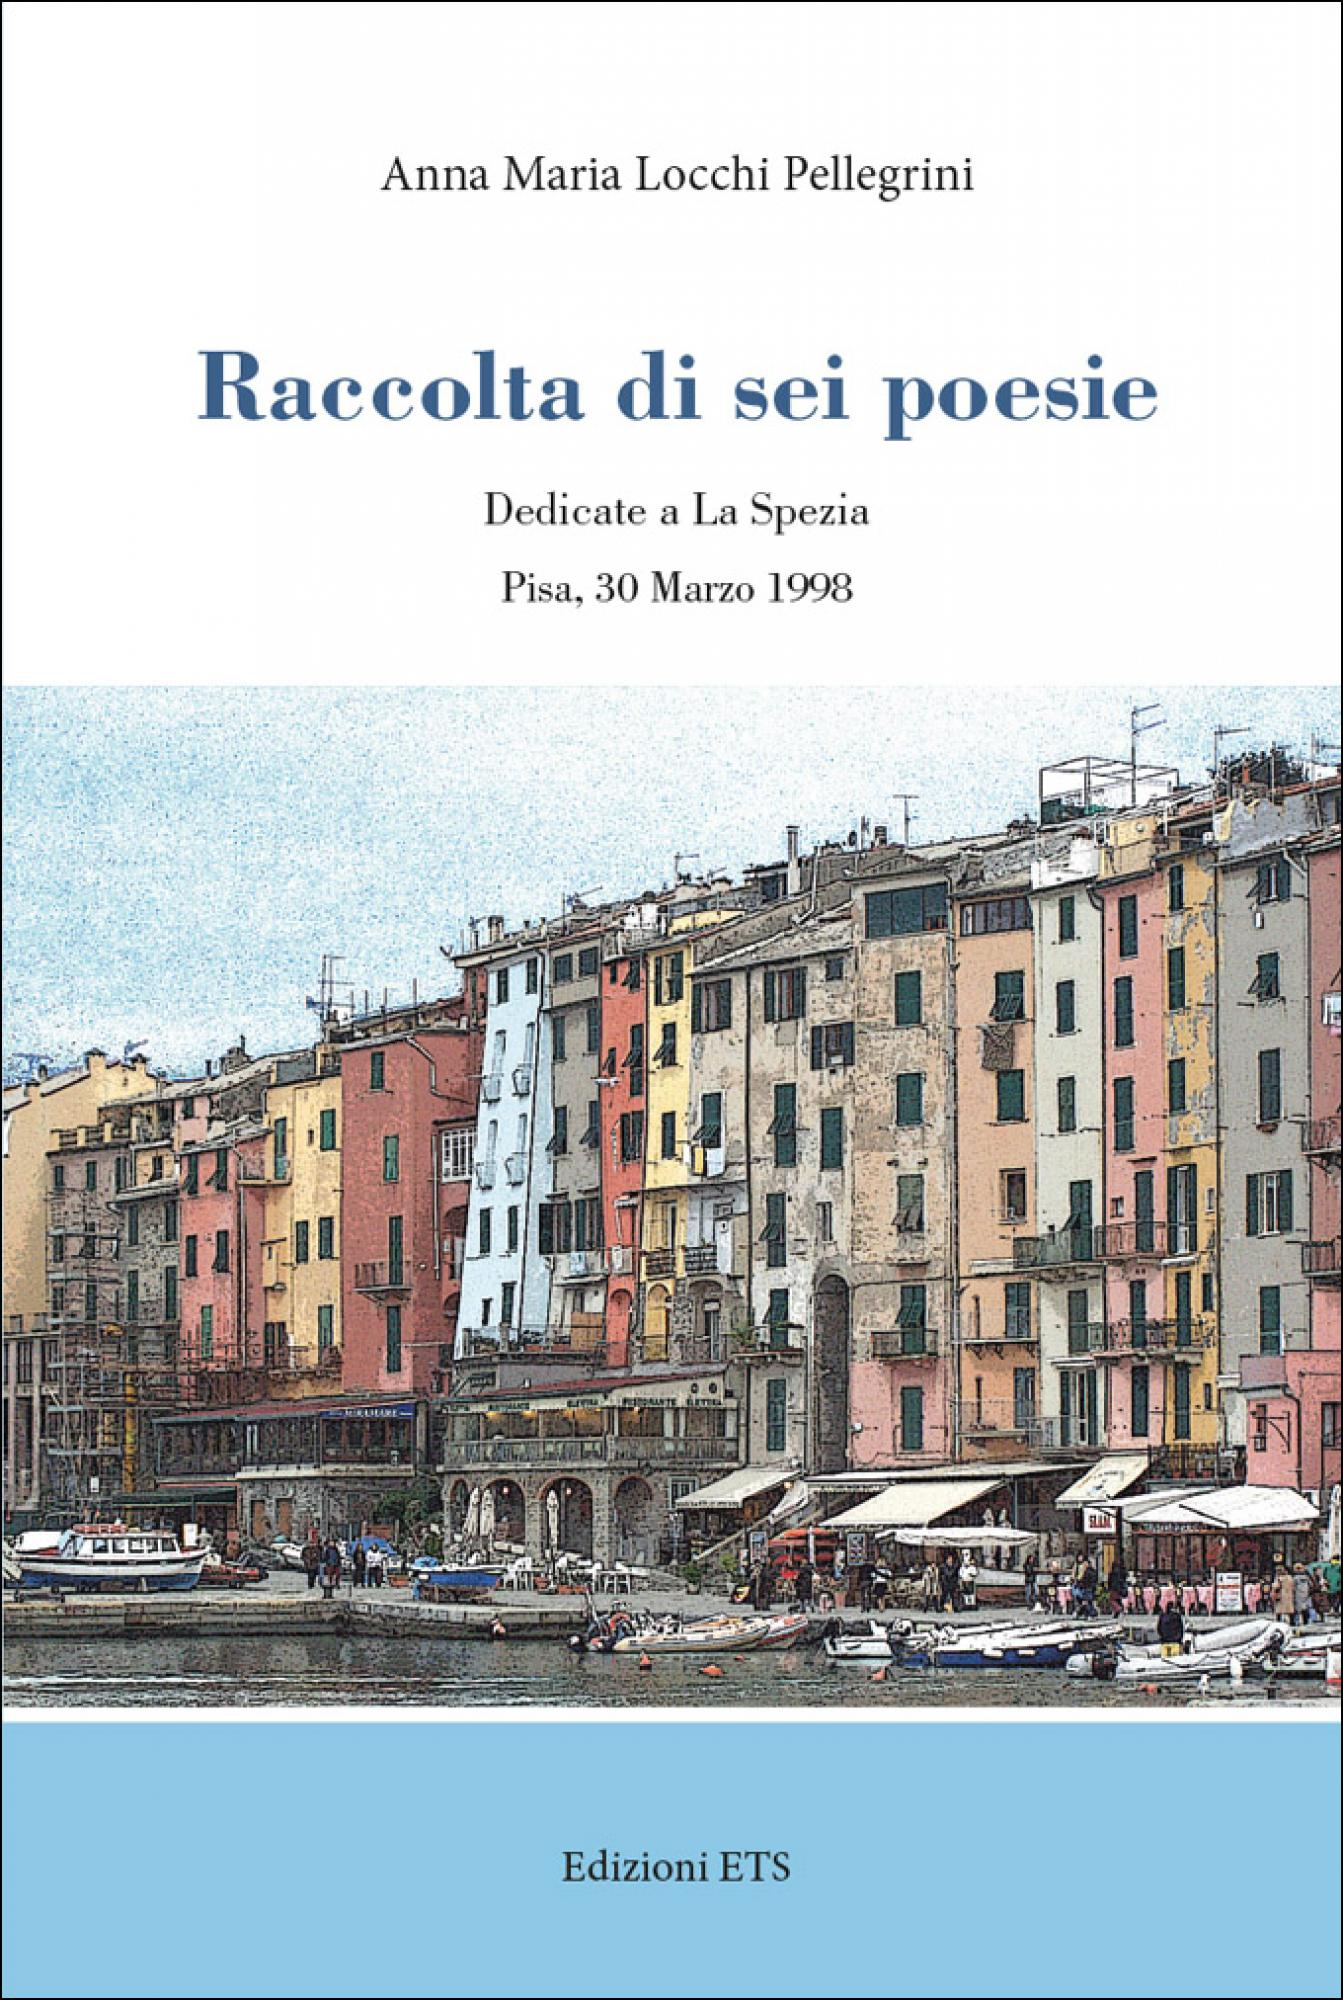 Raccolta di sei poesie.Dedicate a La Spezia – Pisa, 30 Marzo 1998